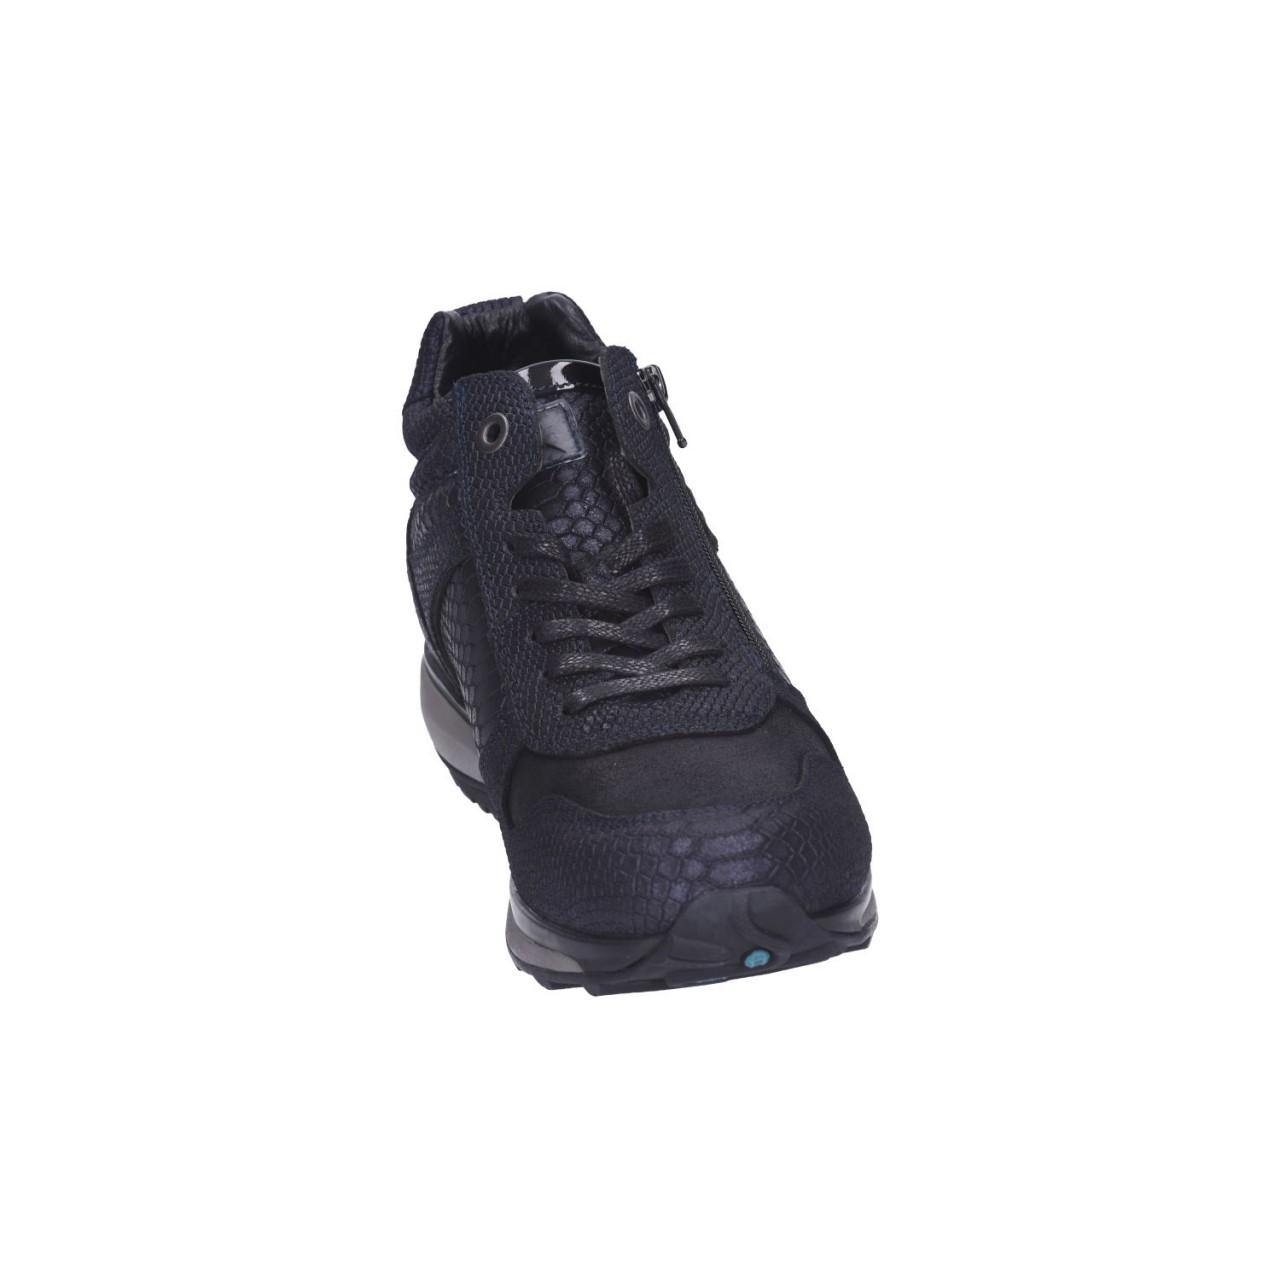 Xsensible Sneaker Blau Xsensible-filly Navy Metal